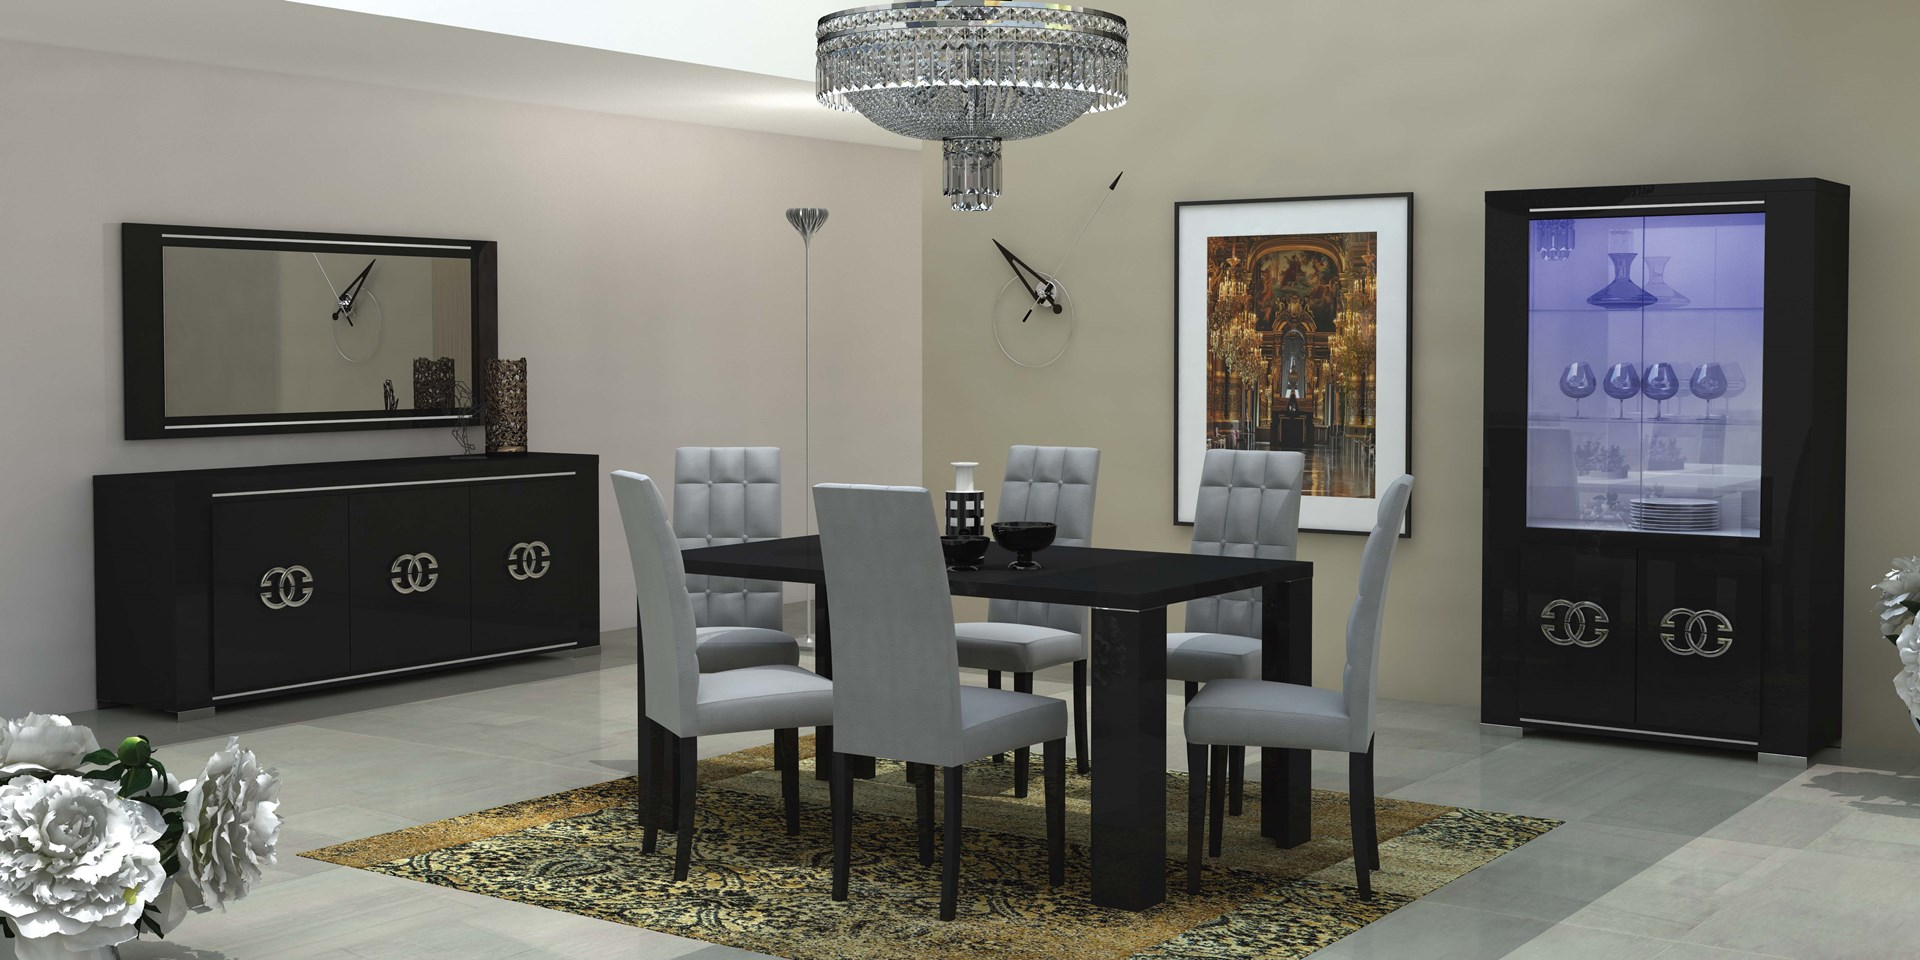 1616a695d683db ARMONIA Luxury - nowoczesna kolekcja mebli do salonu i jadalni czarna  wysoki połysk Meble włoskie sypialnie, meble pokojowe |ASmeble.pl